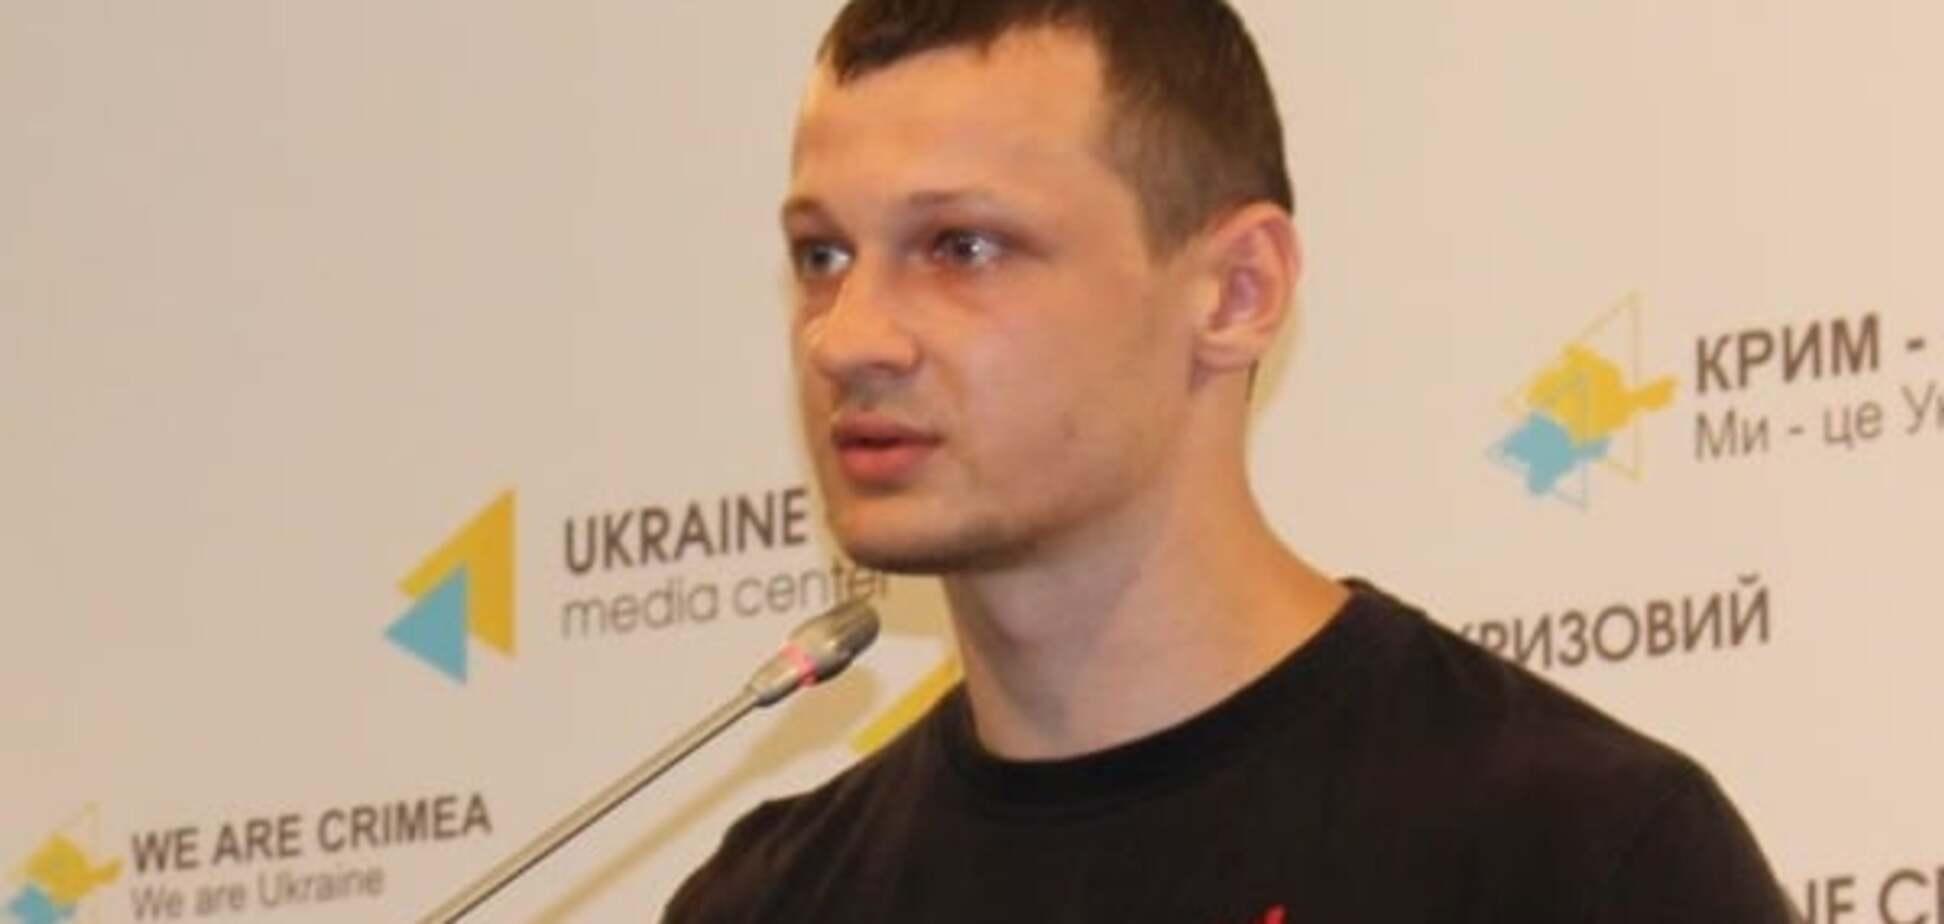 Задержанный член 'Азова' Краснов работал на ФСБ и готовил теракты на Херсонщине - СБУ